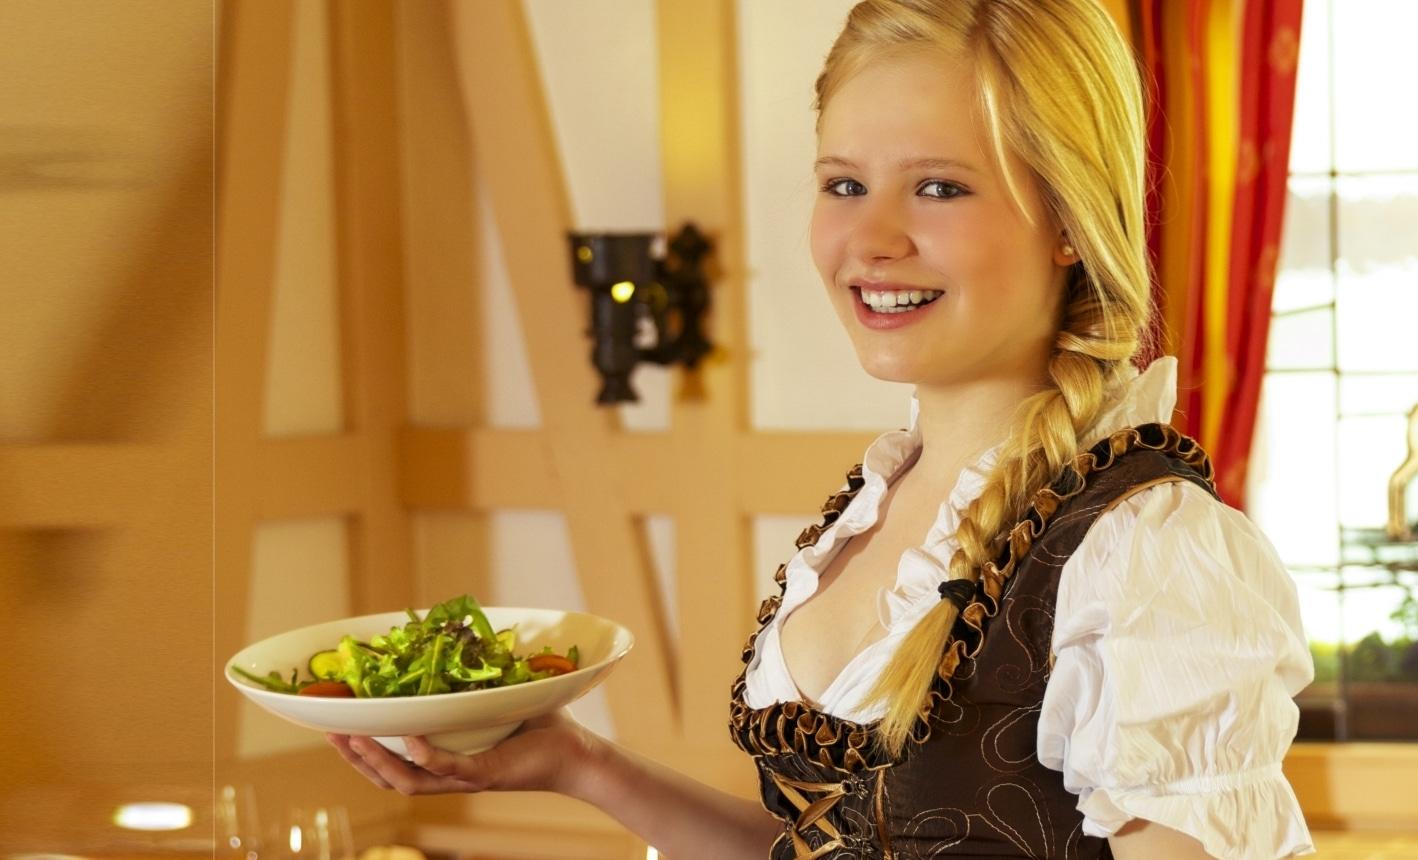 Kellnerin im Dirndl beim Servieren